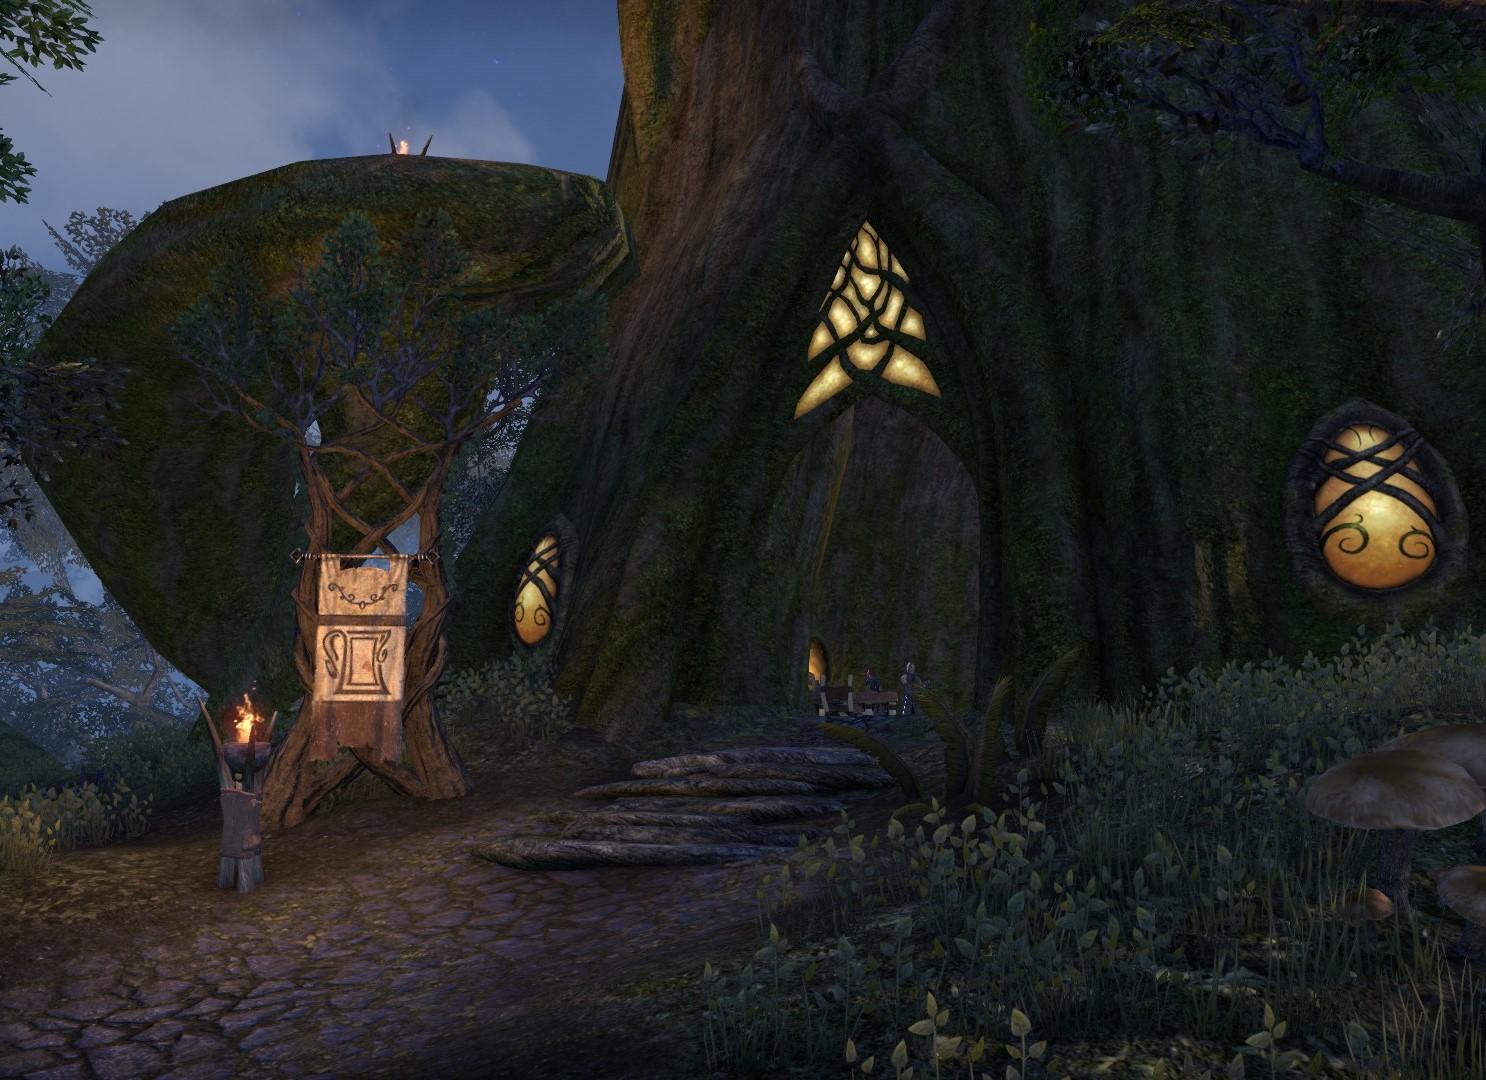 Tall Trunk Tavern